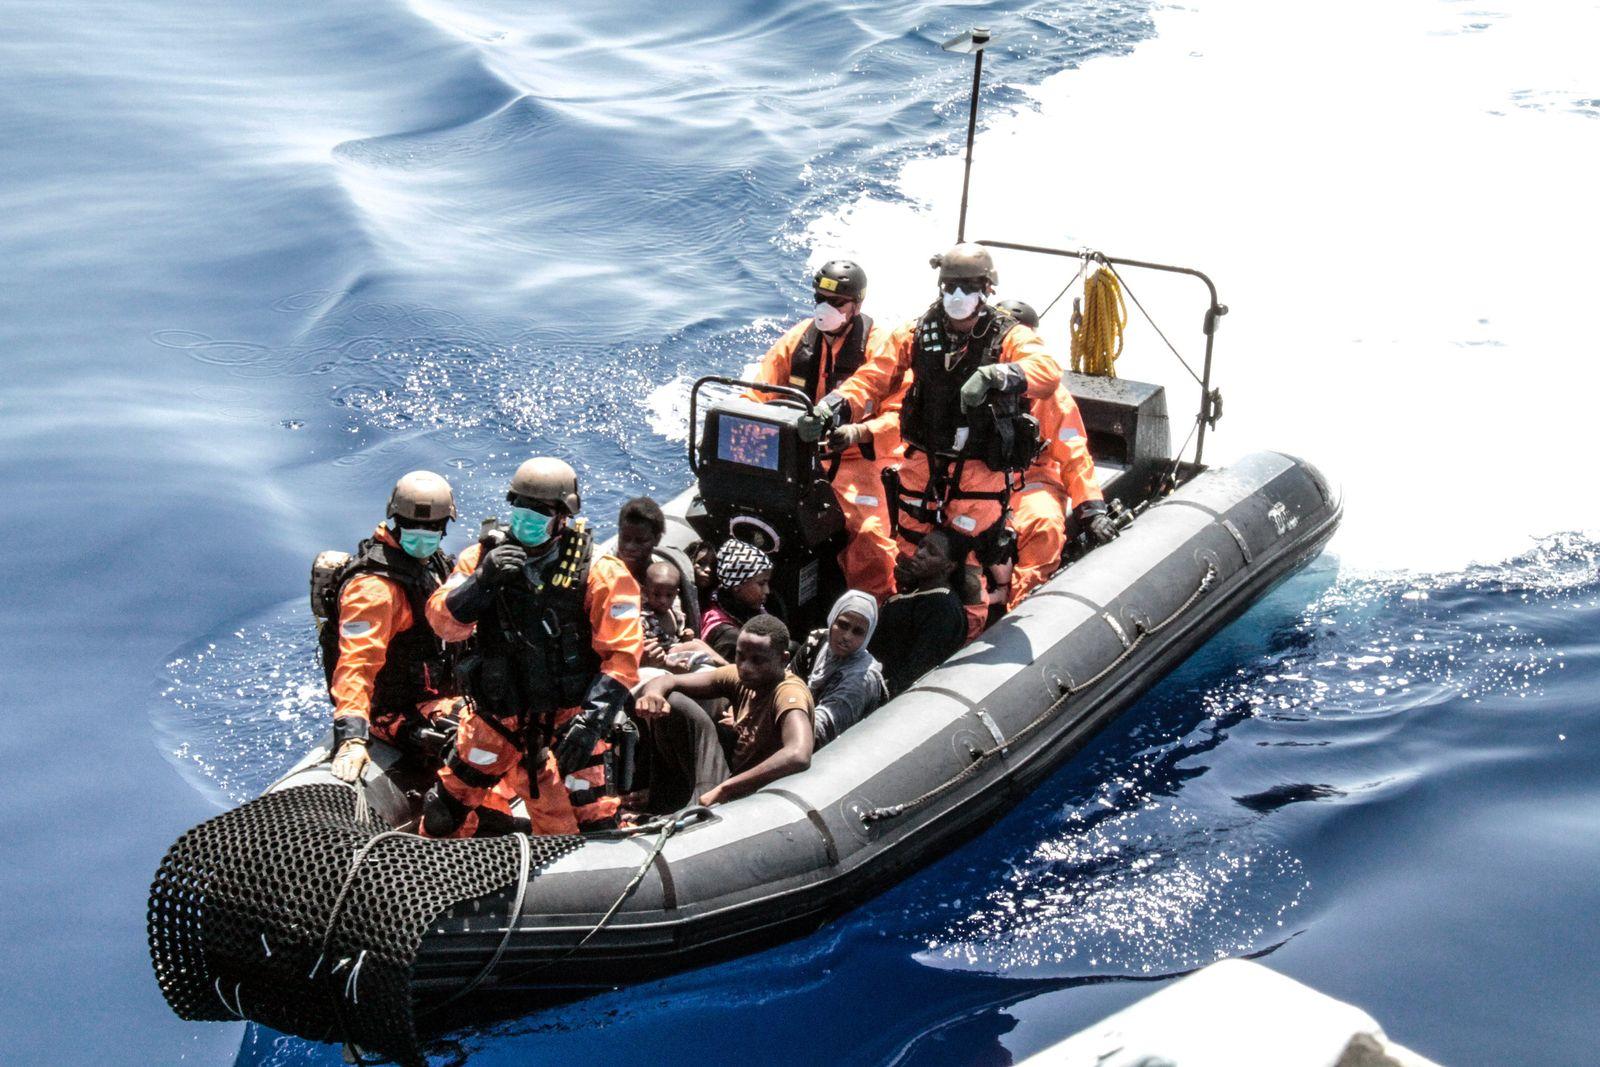 VIDEOTEASER Flüchtlinge im Mittelmeer gerettet